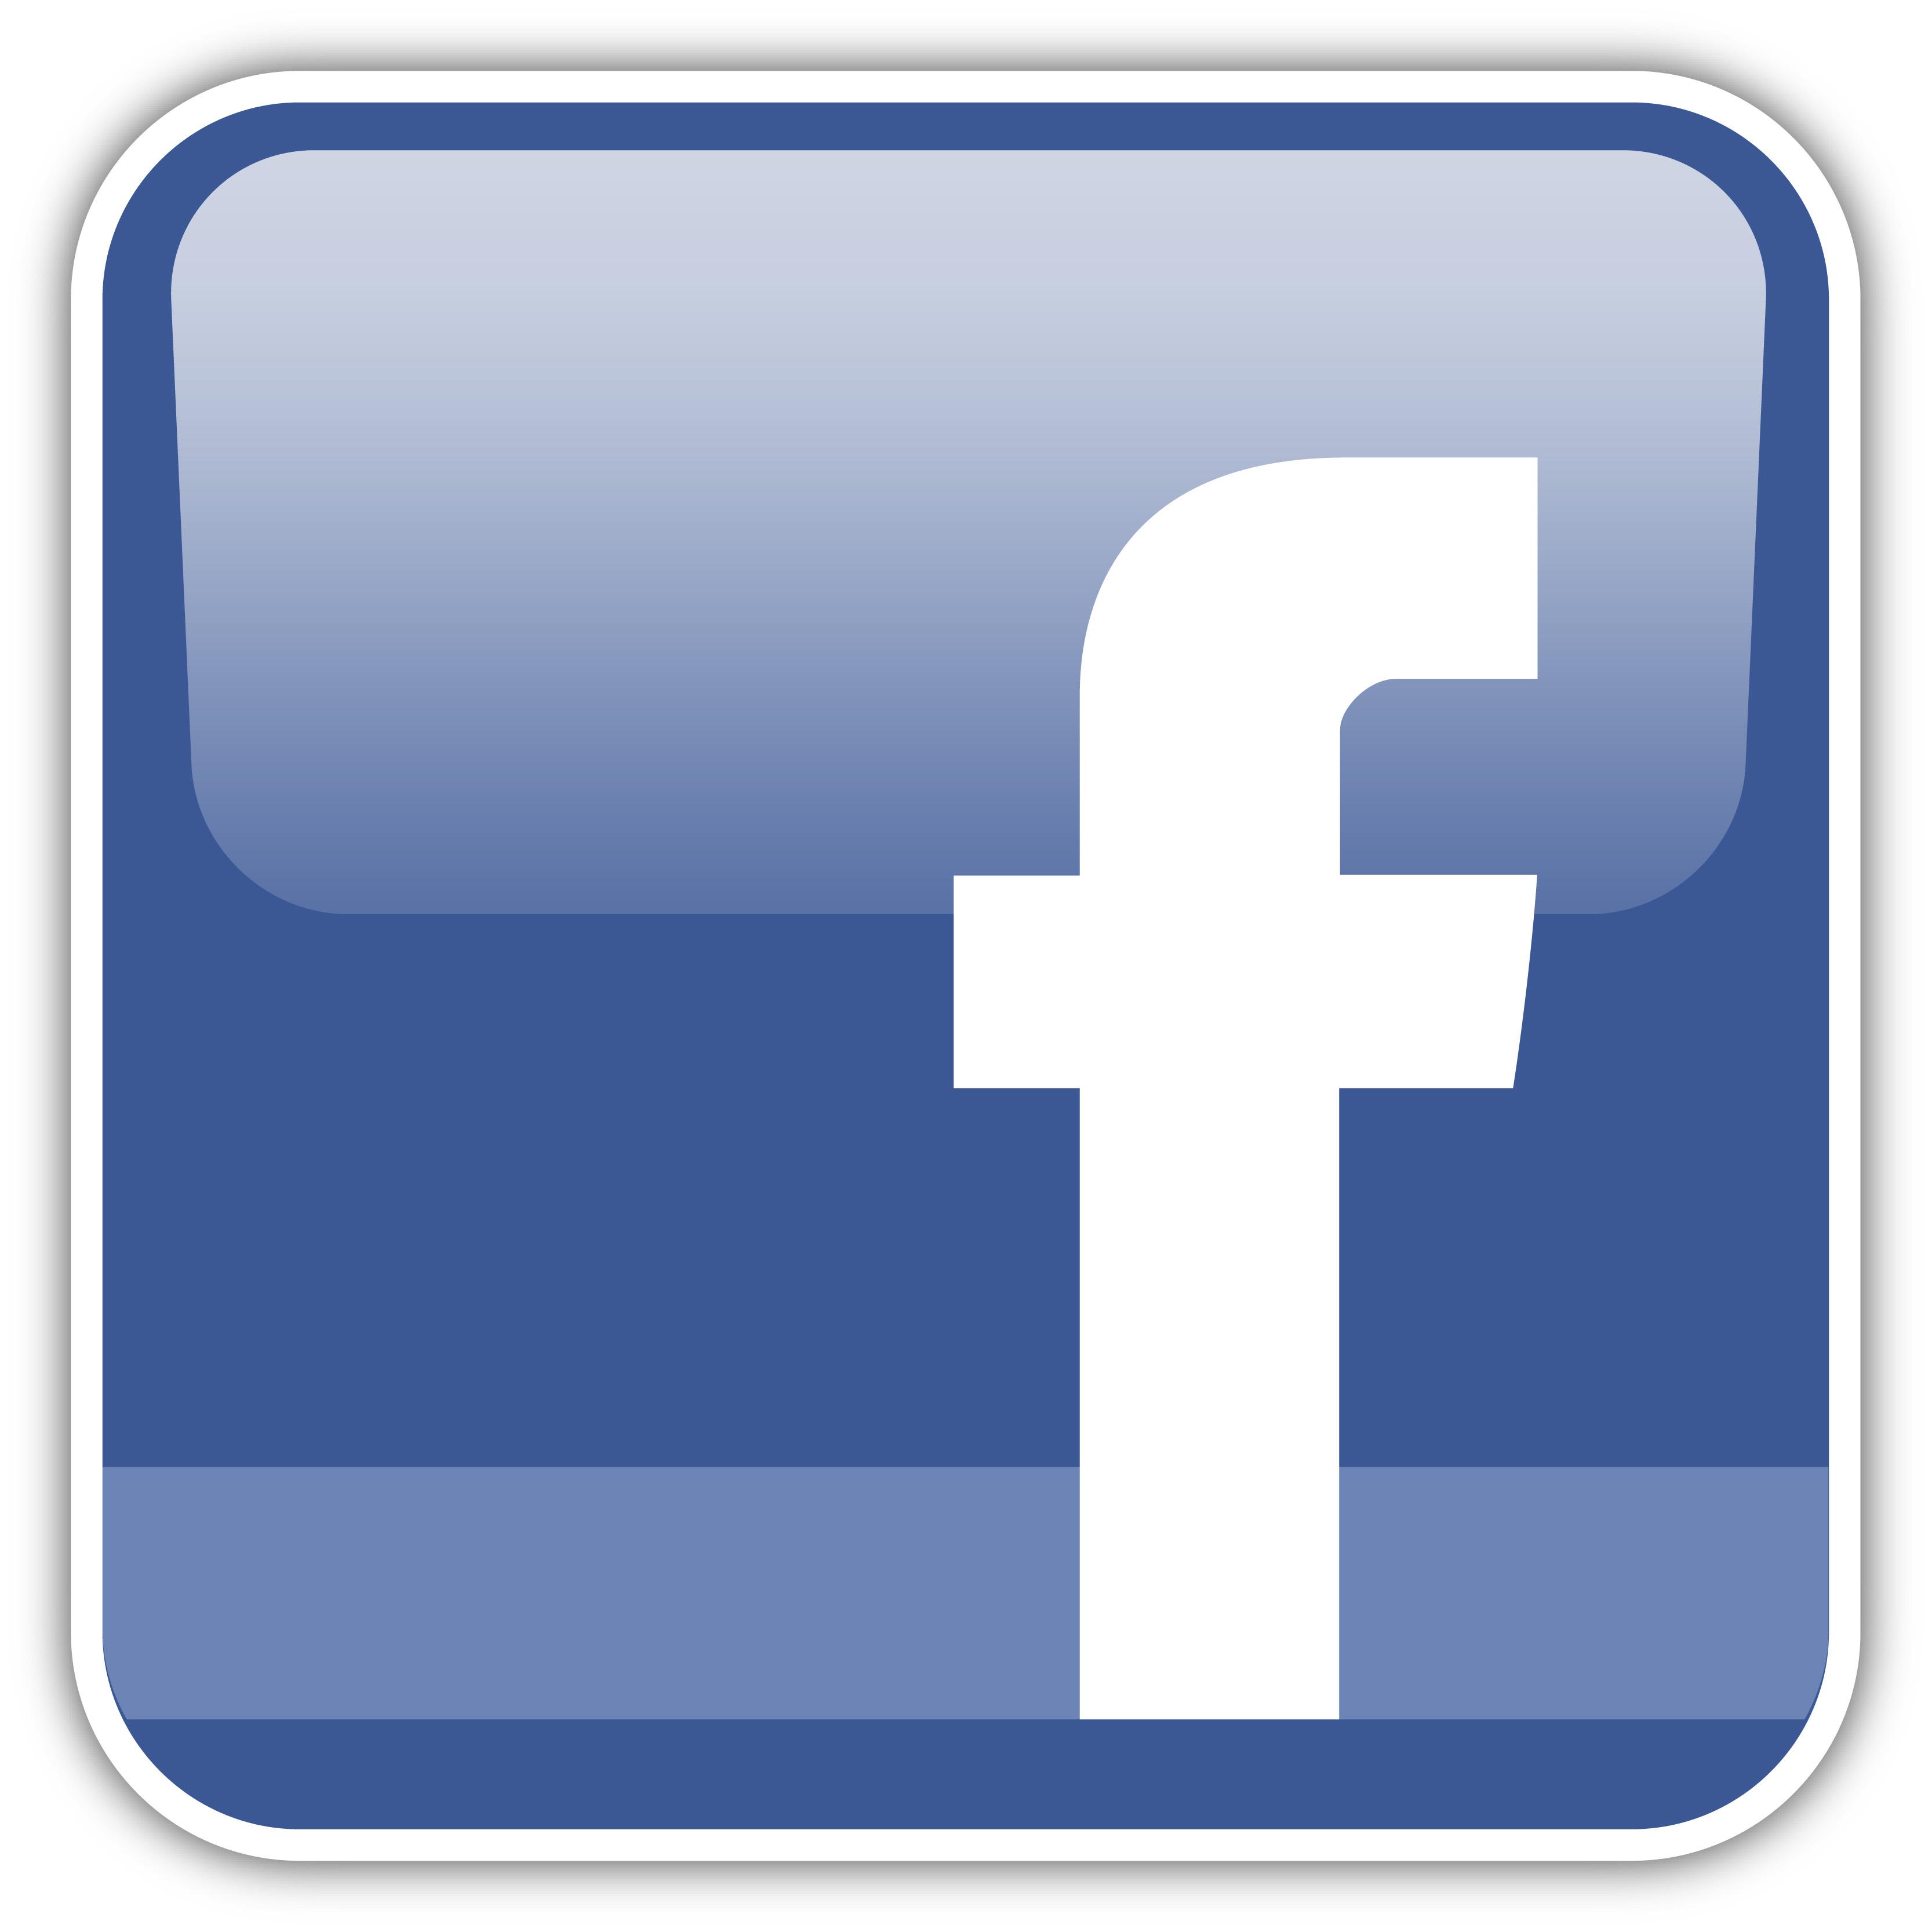 facebook icon Costume en Allant Sur Mesure paris, France, Chemise Mariage Sur Mesure Homme